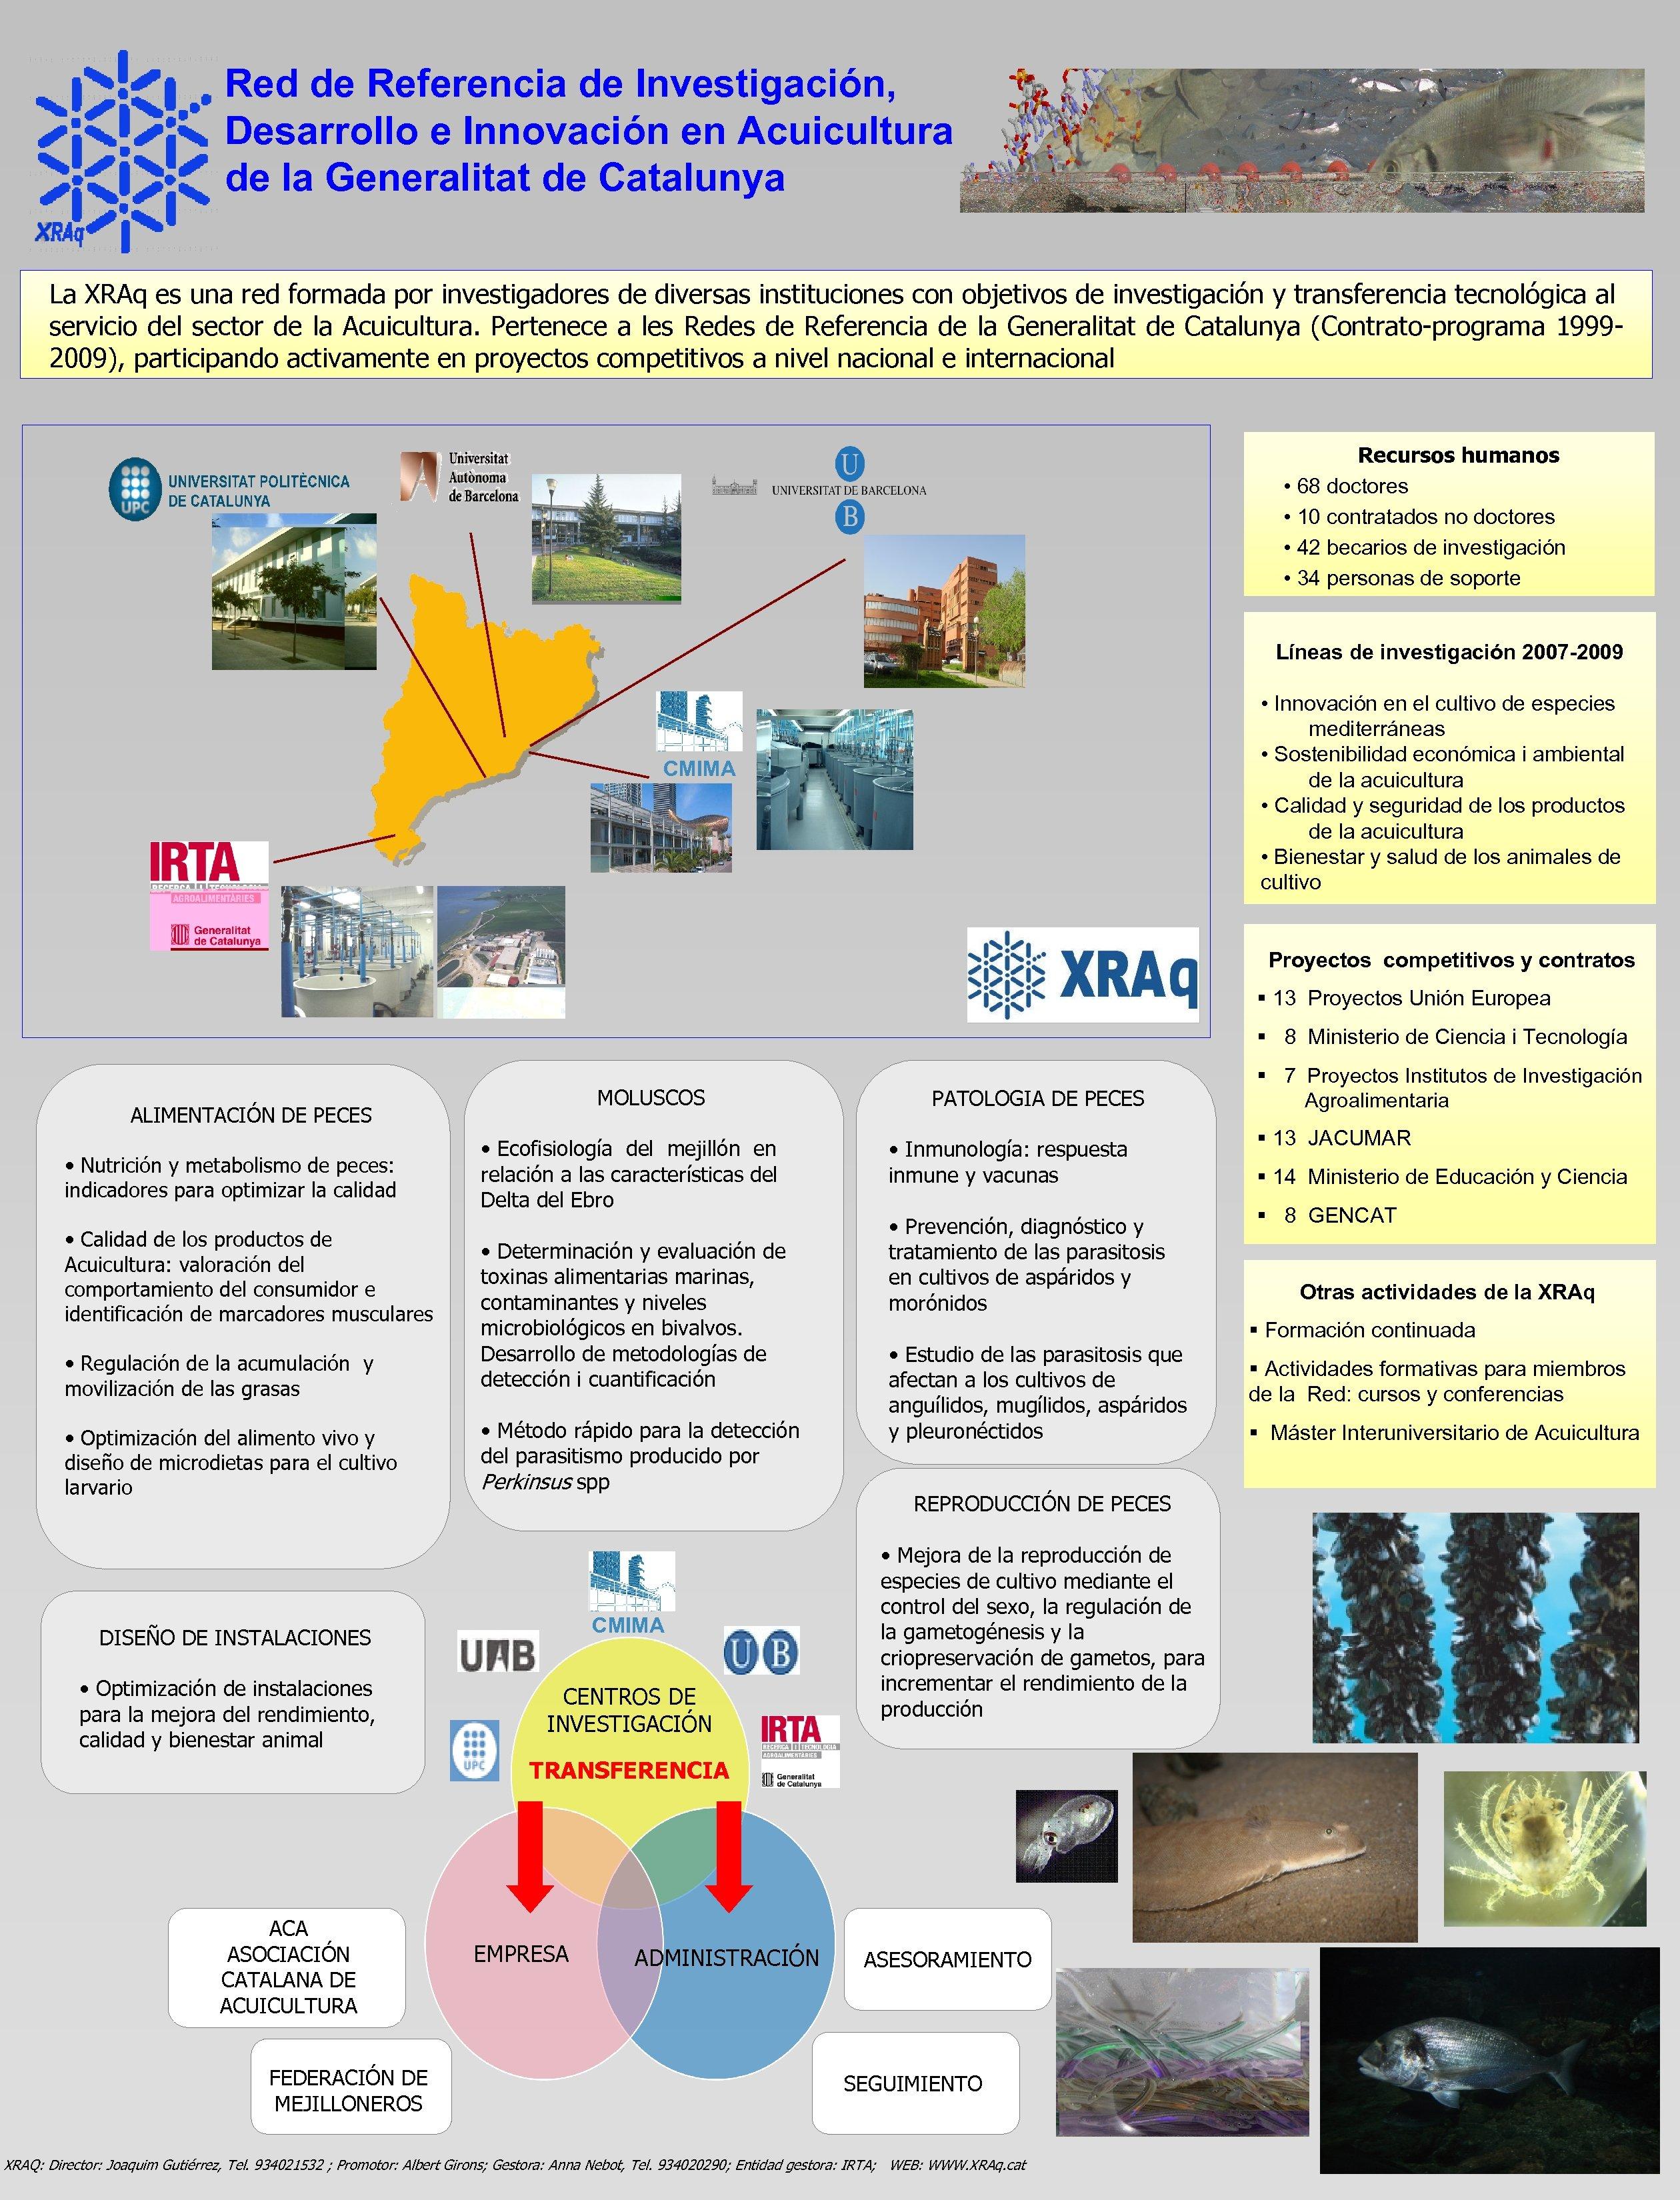 Red de Referencia de Investigación, Desarrollo e Innovación en Acuicultura de la Generalitat de